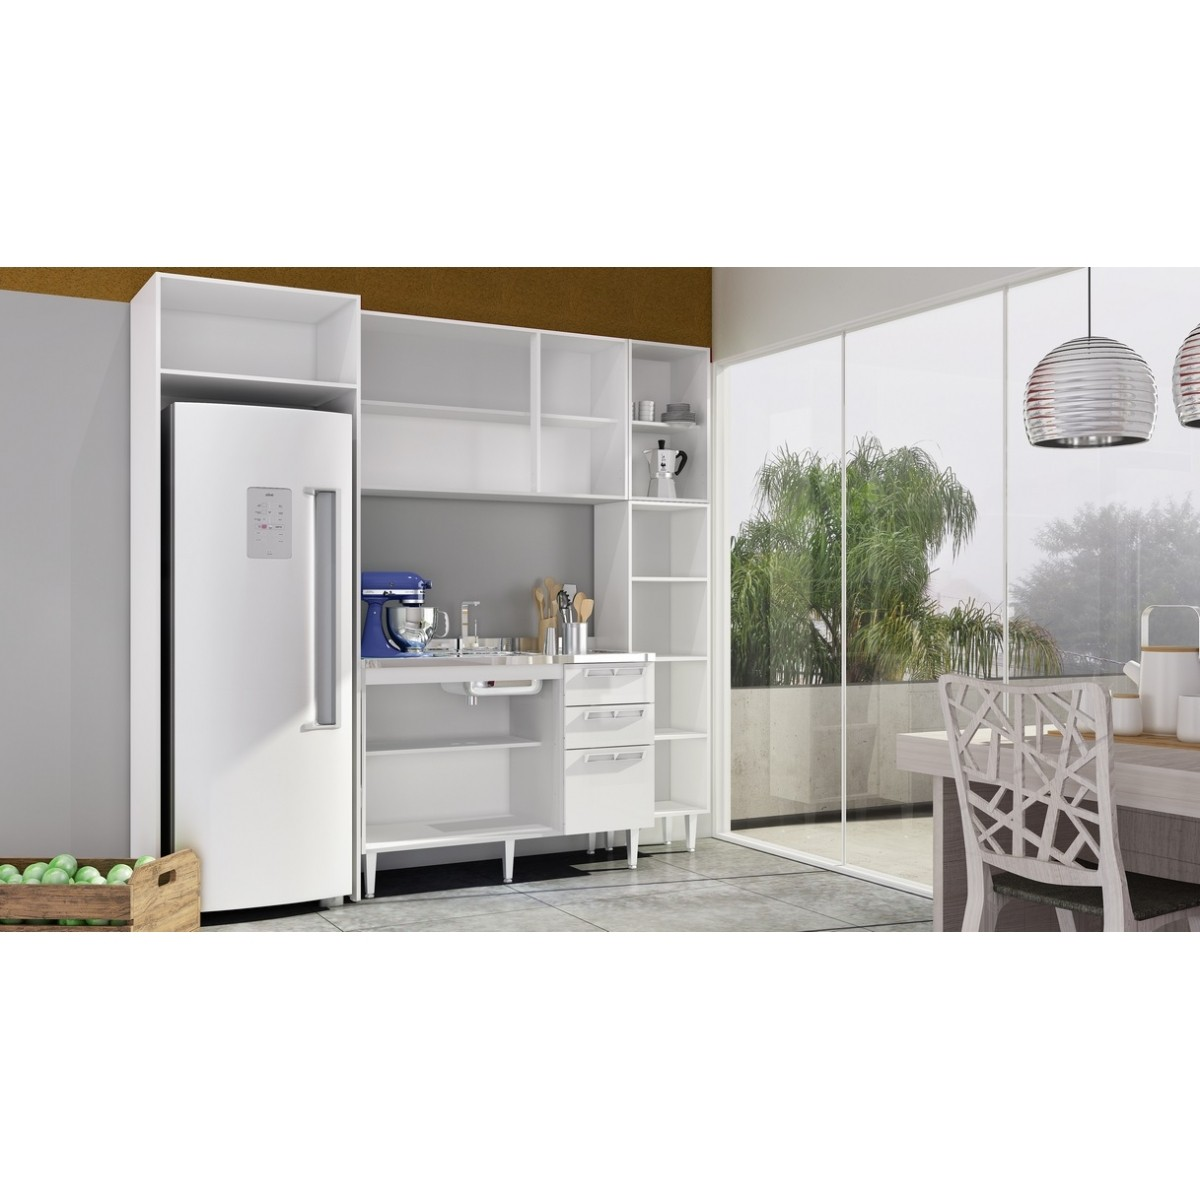 Conjunto Cozinha Modulada Completa 12 Mia Coccina